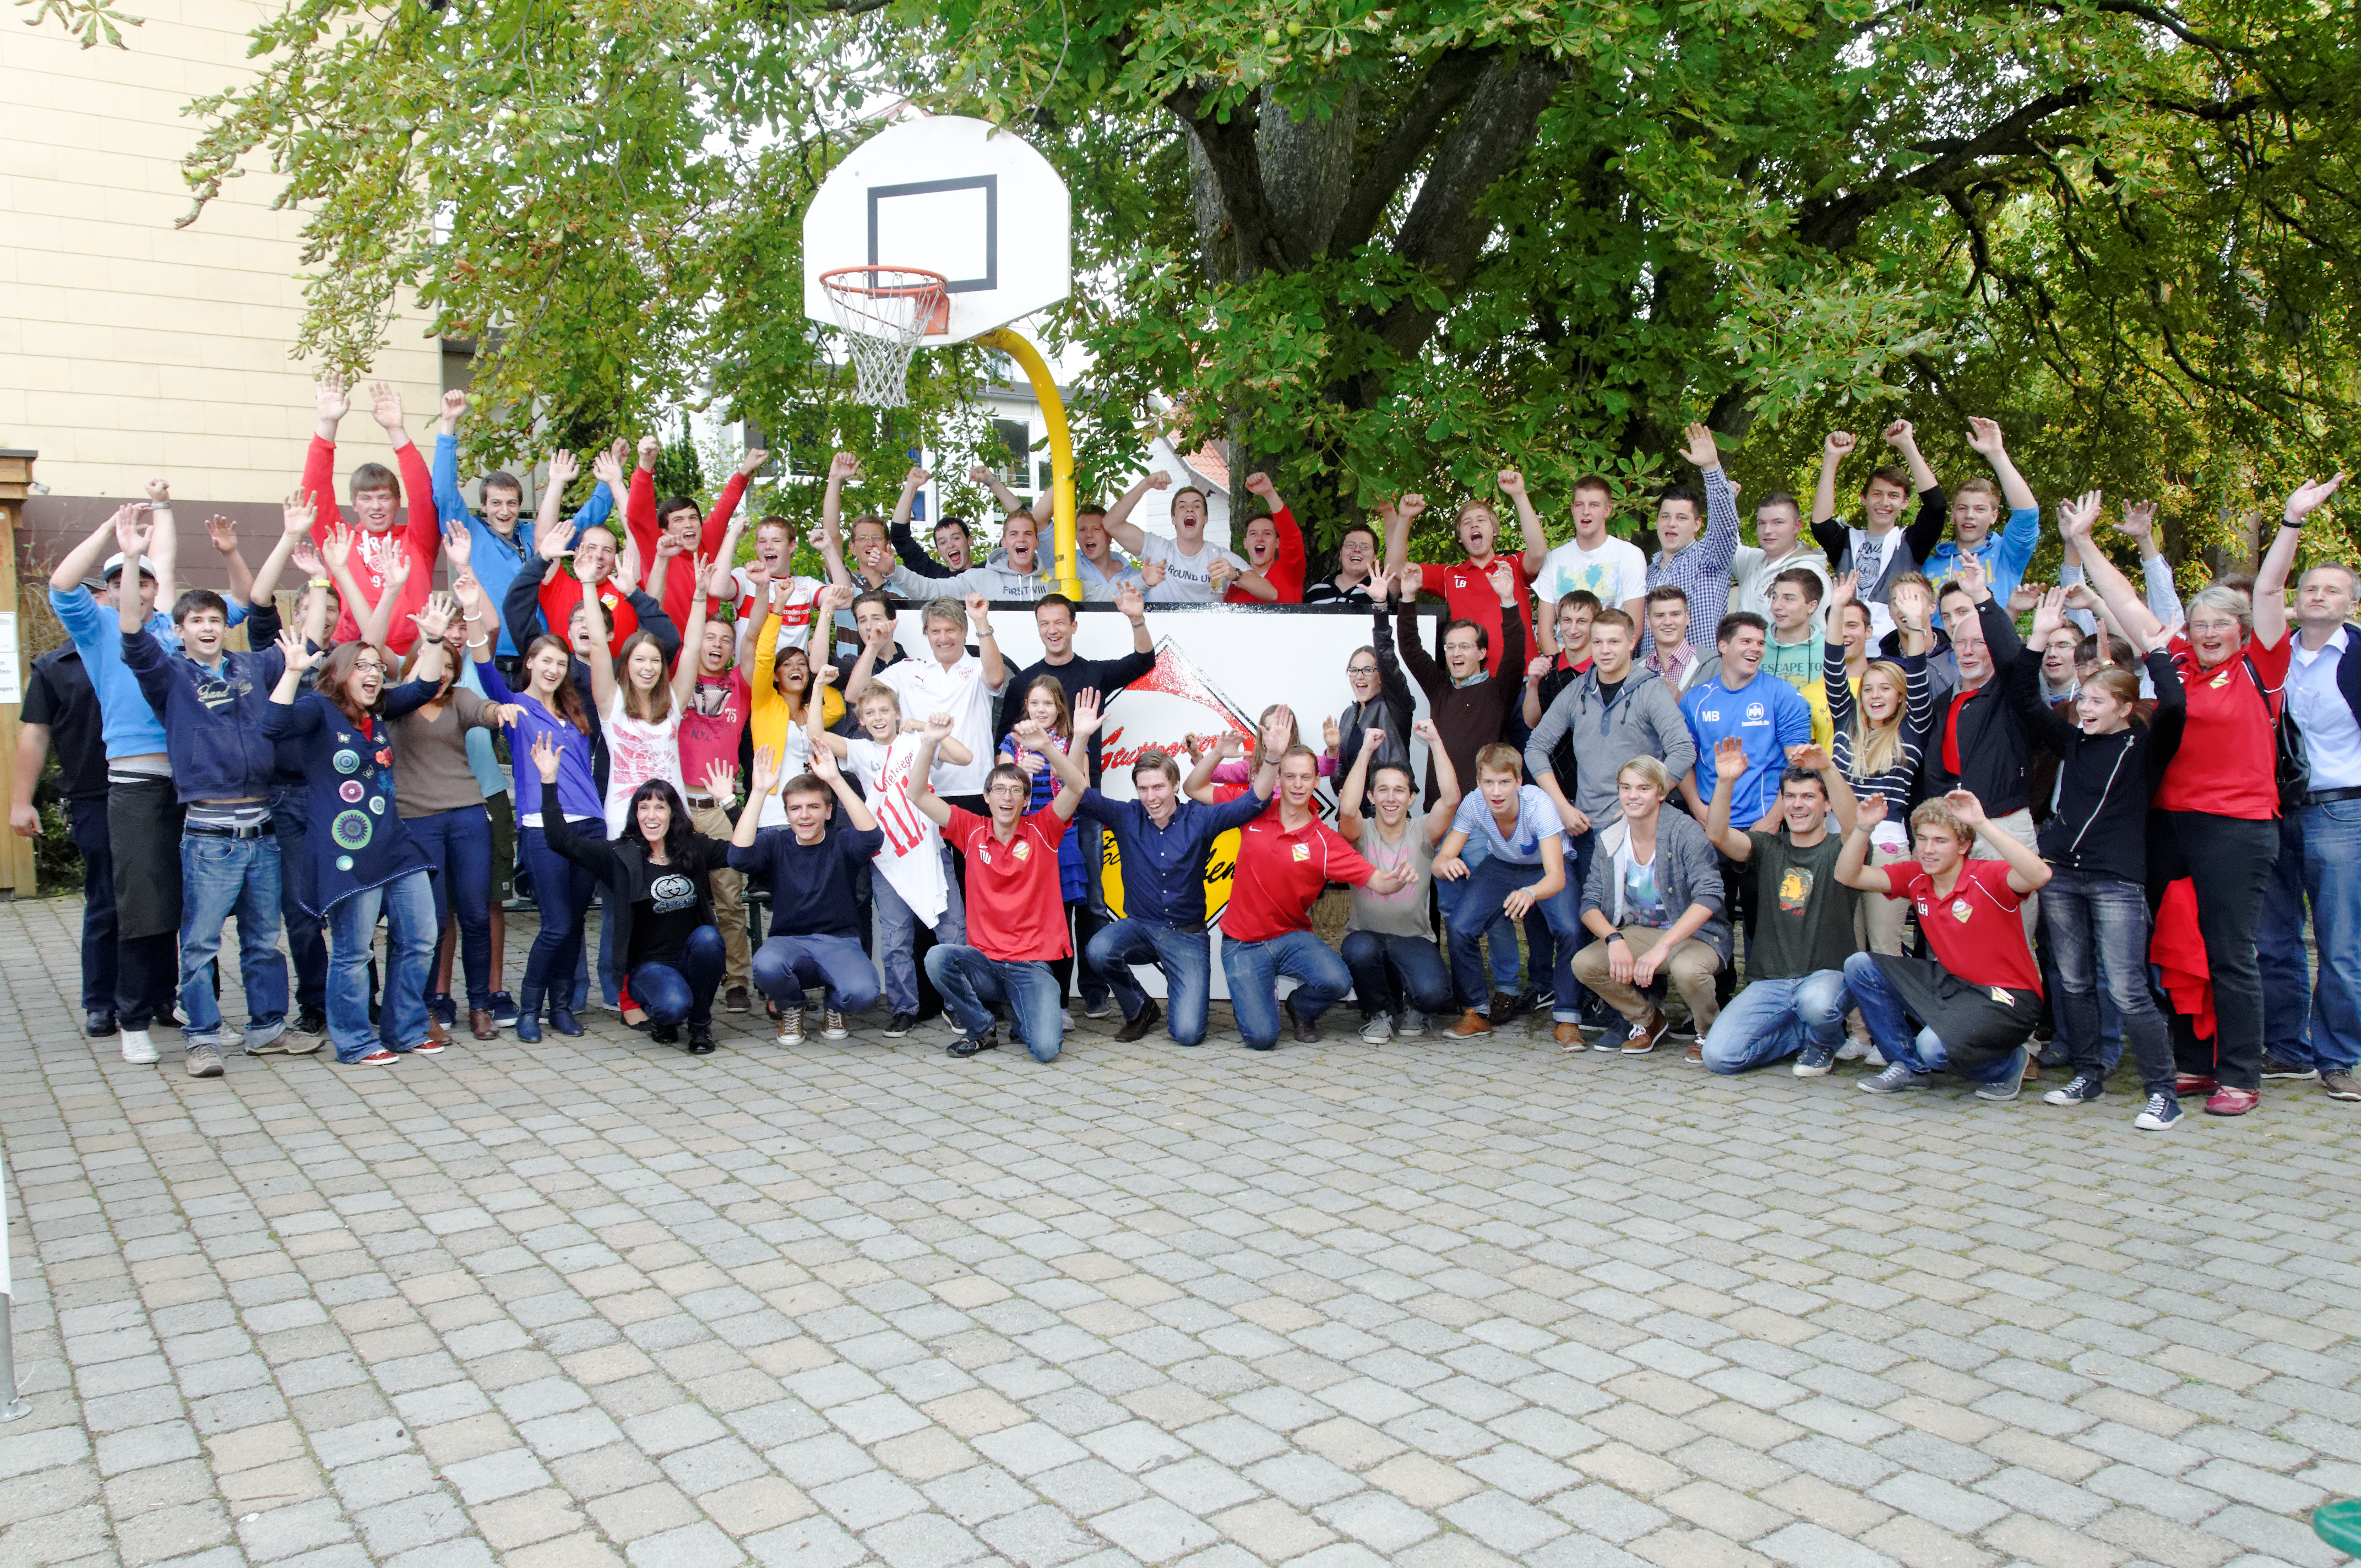 2012-09-21 Fanfest (4)